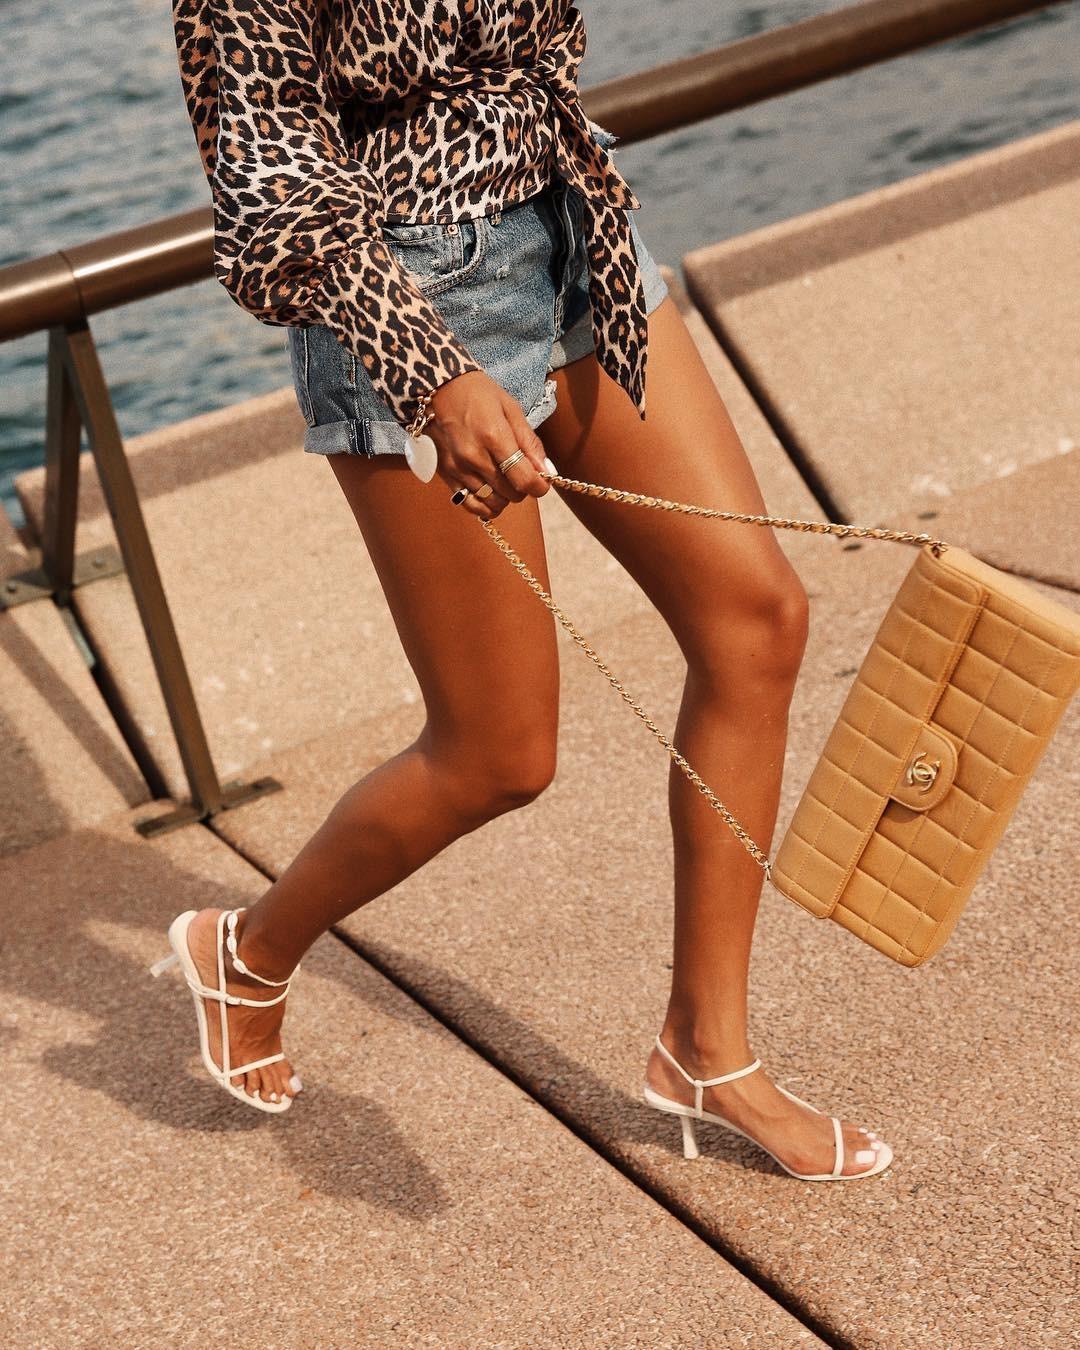 Los mules y las sandalias de tiras son el calzado tendencia de esta  primavera verano 2019  15 ideas para lograr el look 709a23e22b47